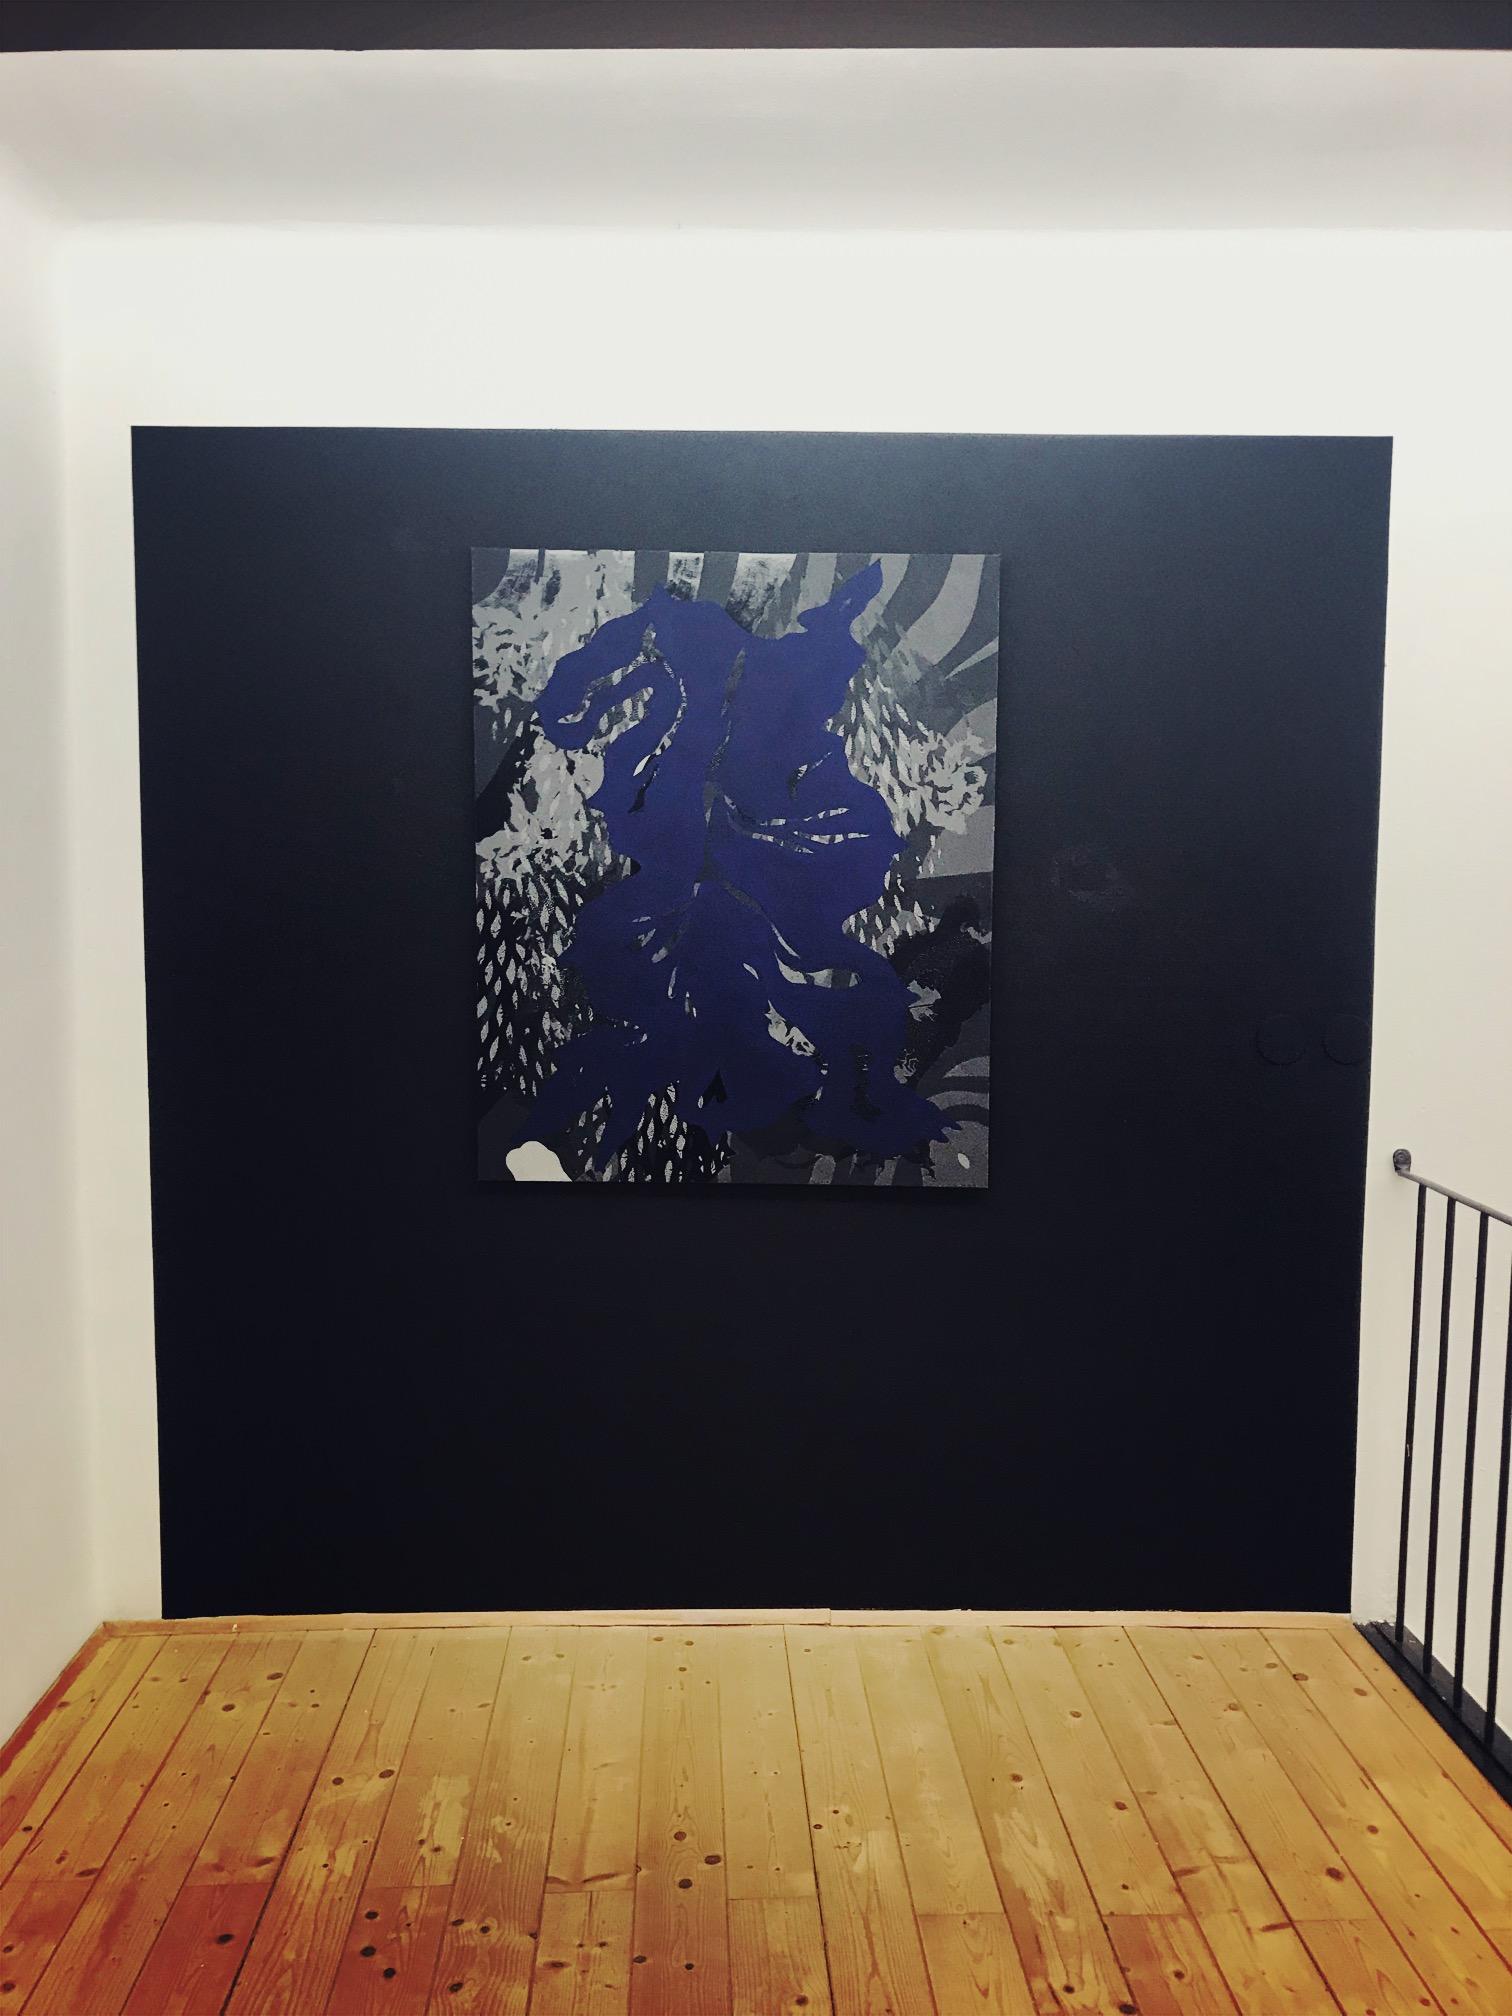 Adiacenze, Magma, P420: tre gallerie d'arte contemporanea a Bologna. Per scoprire nel centro storico qualcosa di sempre nuovo